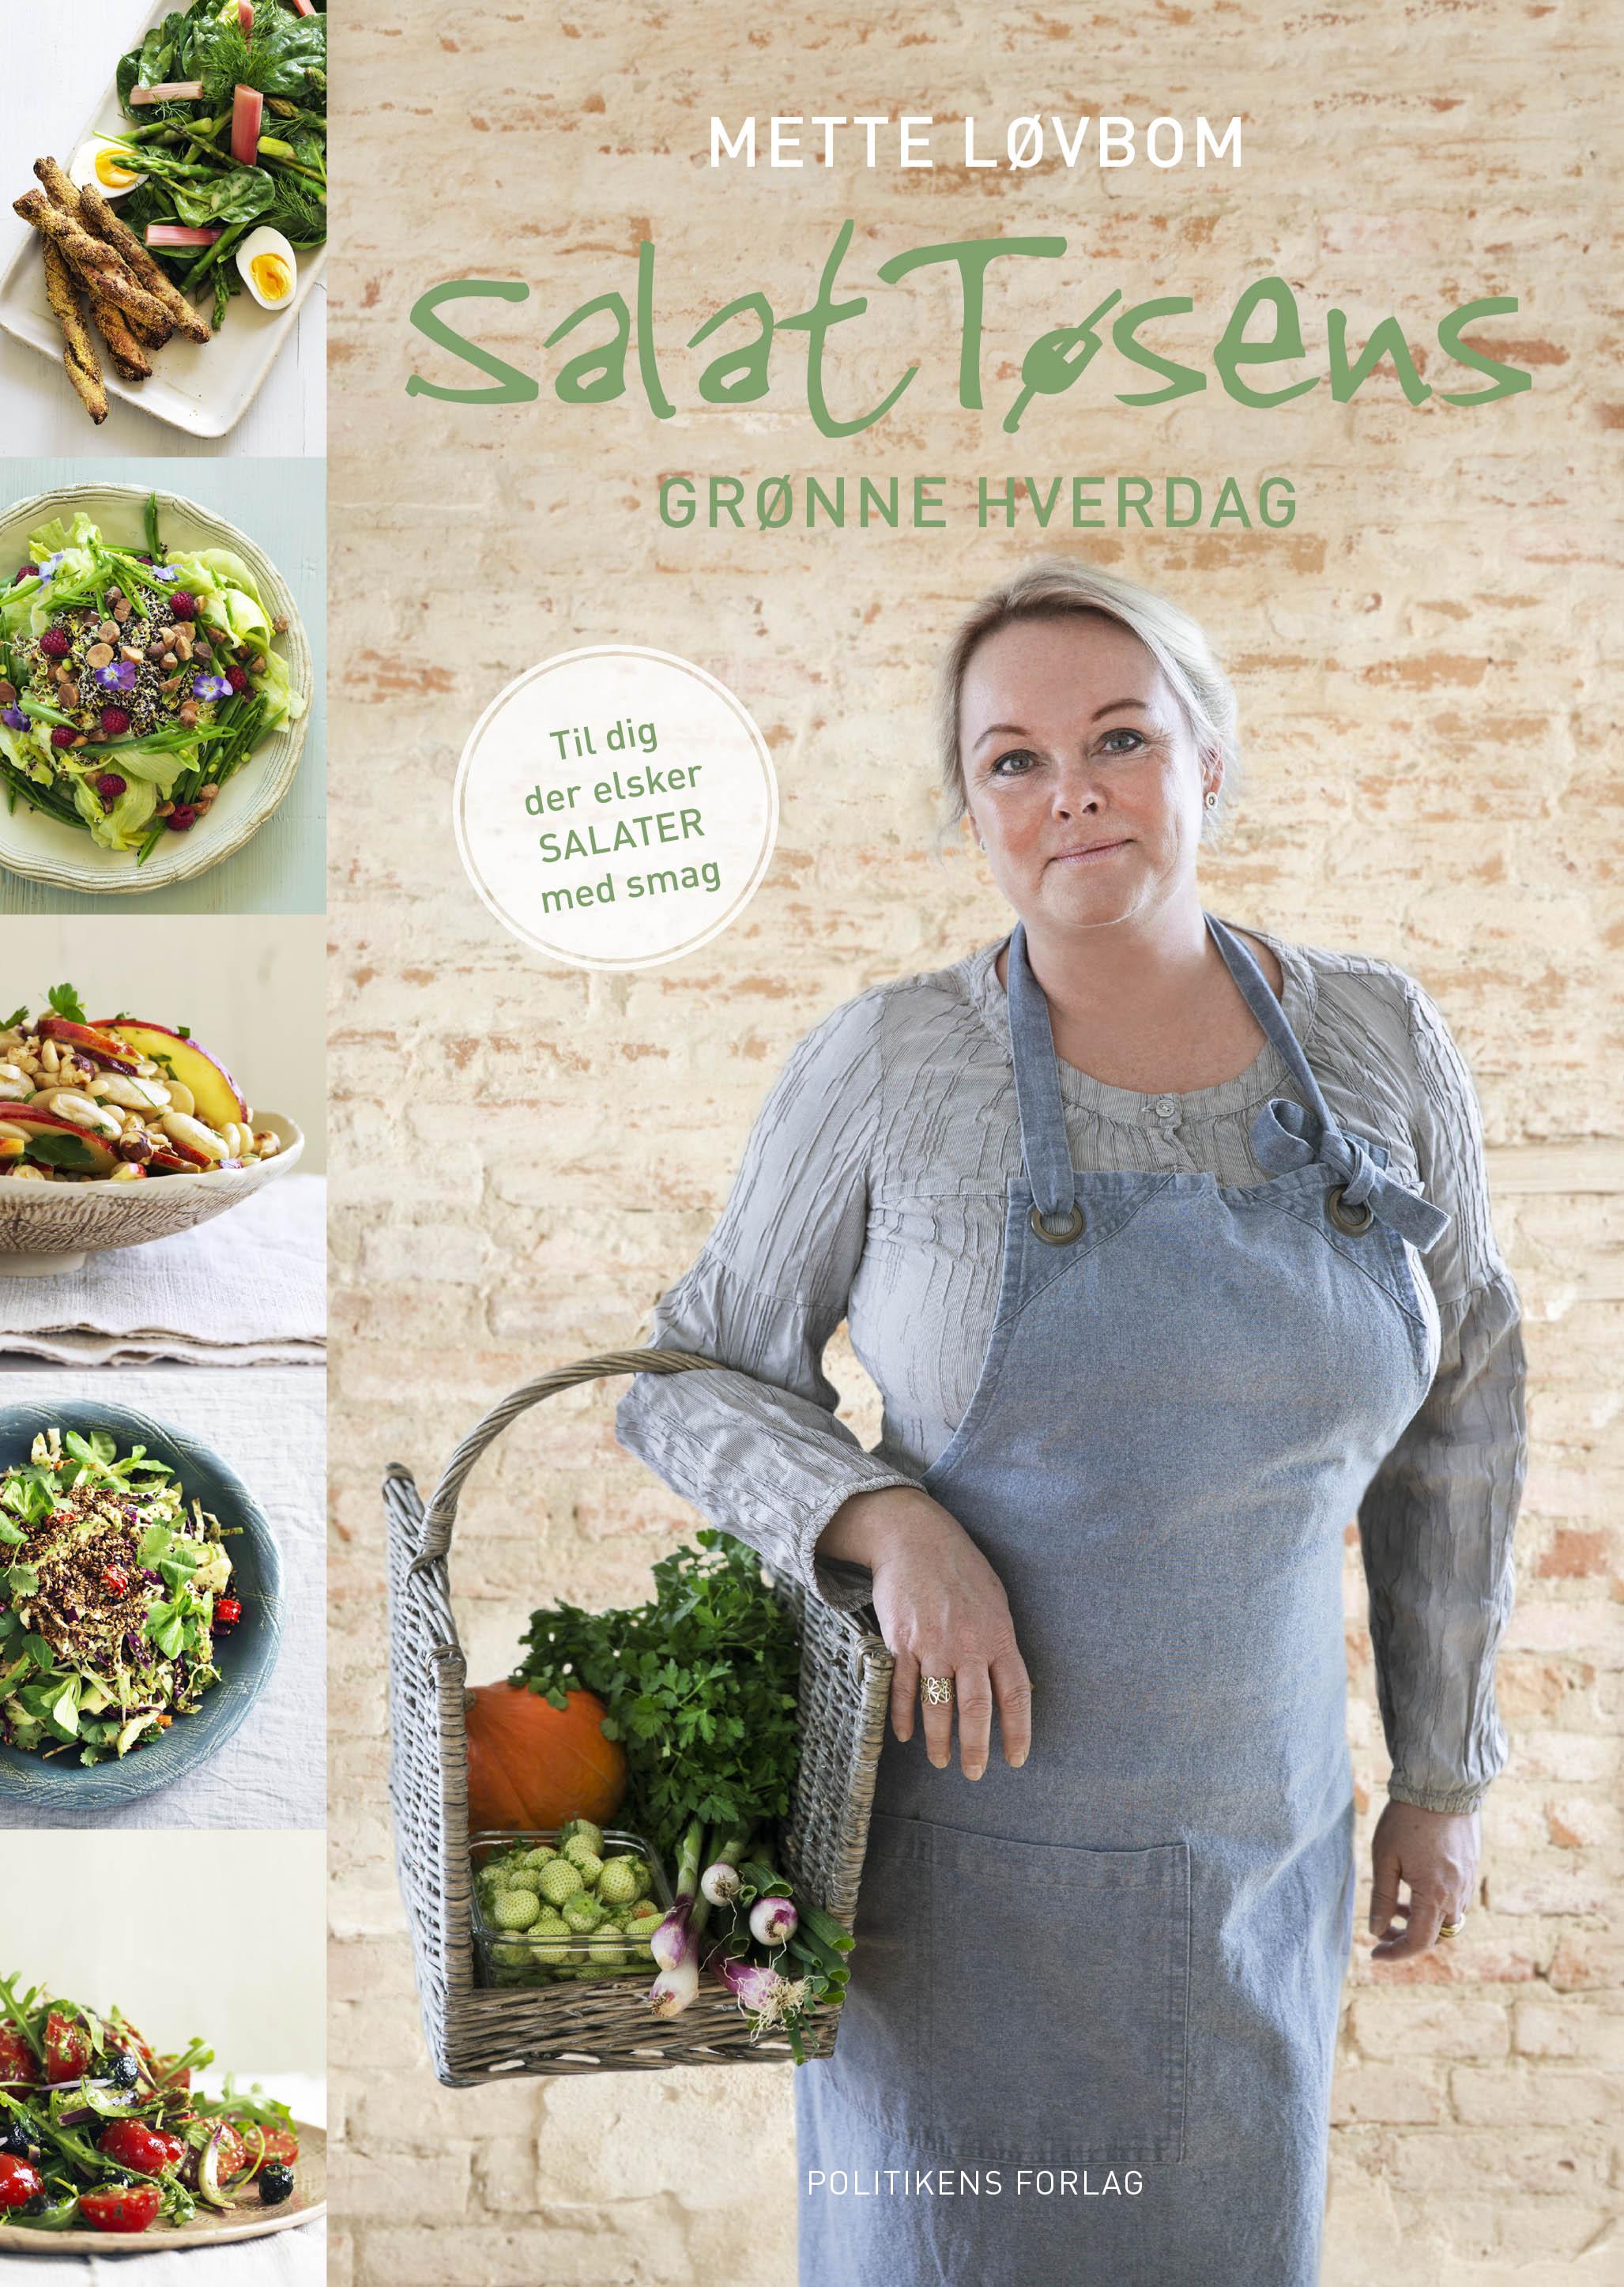 SalatTøsens grønne hverdag - Mette Løvbom - Bøger - Politikens Forlag - 9788740040678 - August 16, 2018